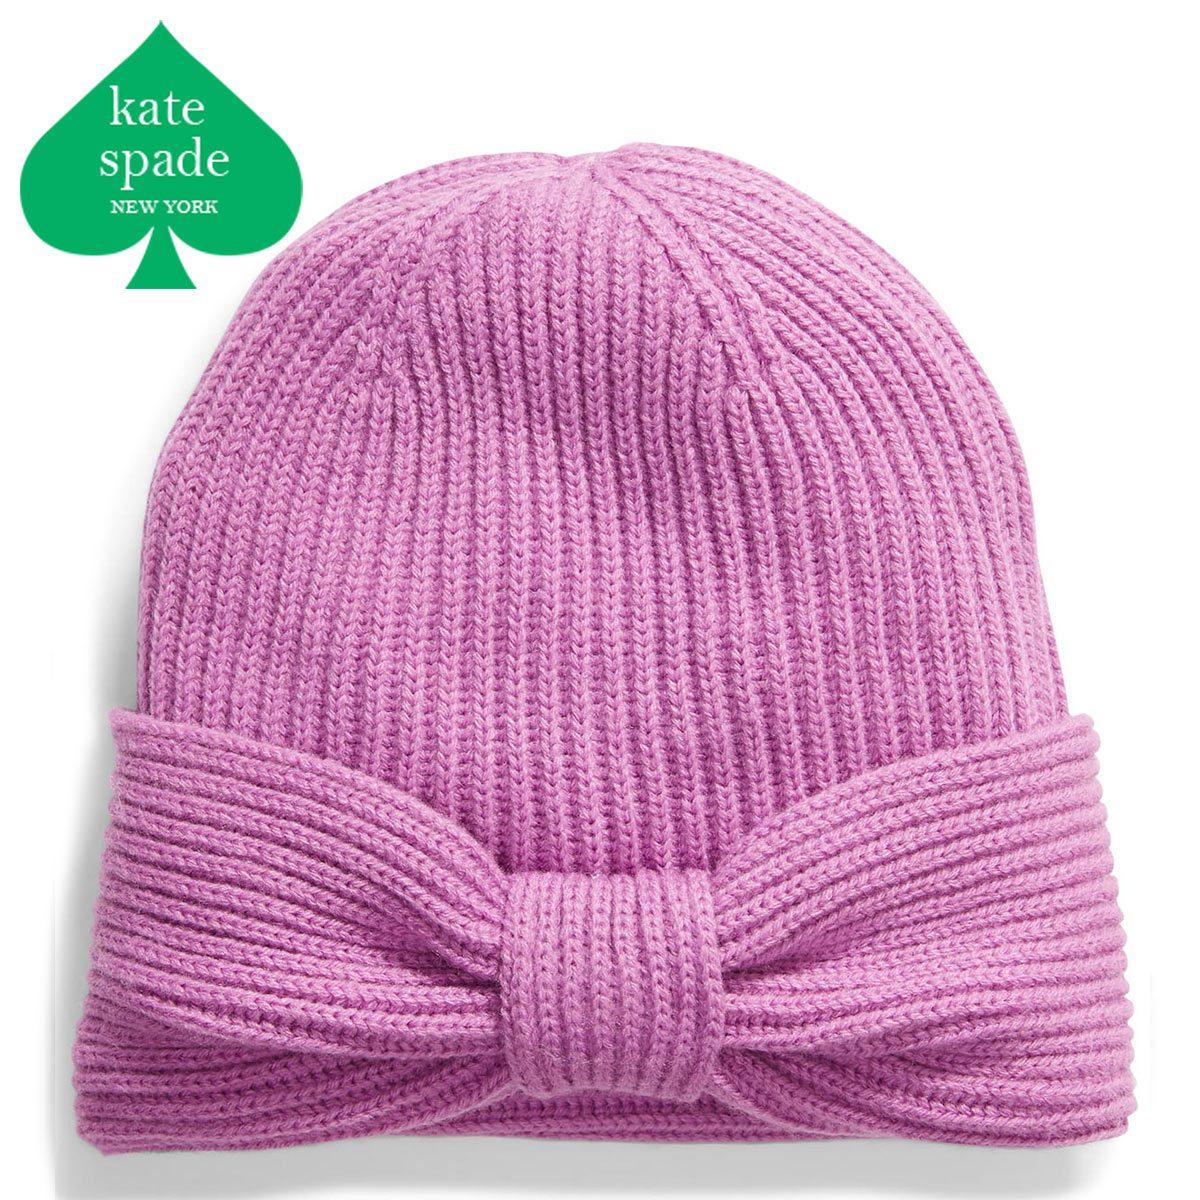 ケイトスペード ニット帽 リボン ブランド レディース ビーニー ビーニー帽 ニット ニット帽子 KATE SPADE NEW YORK